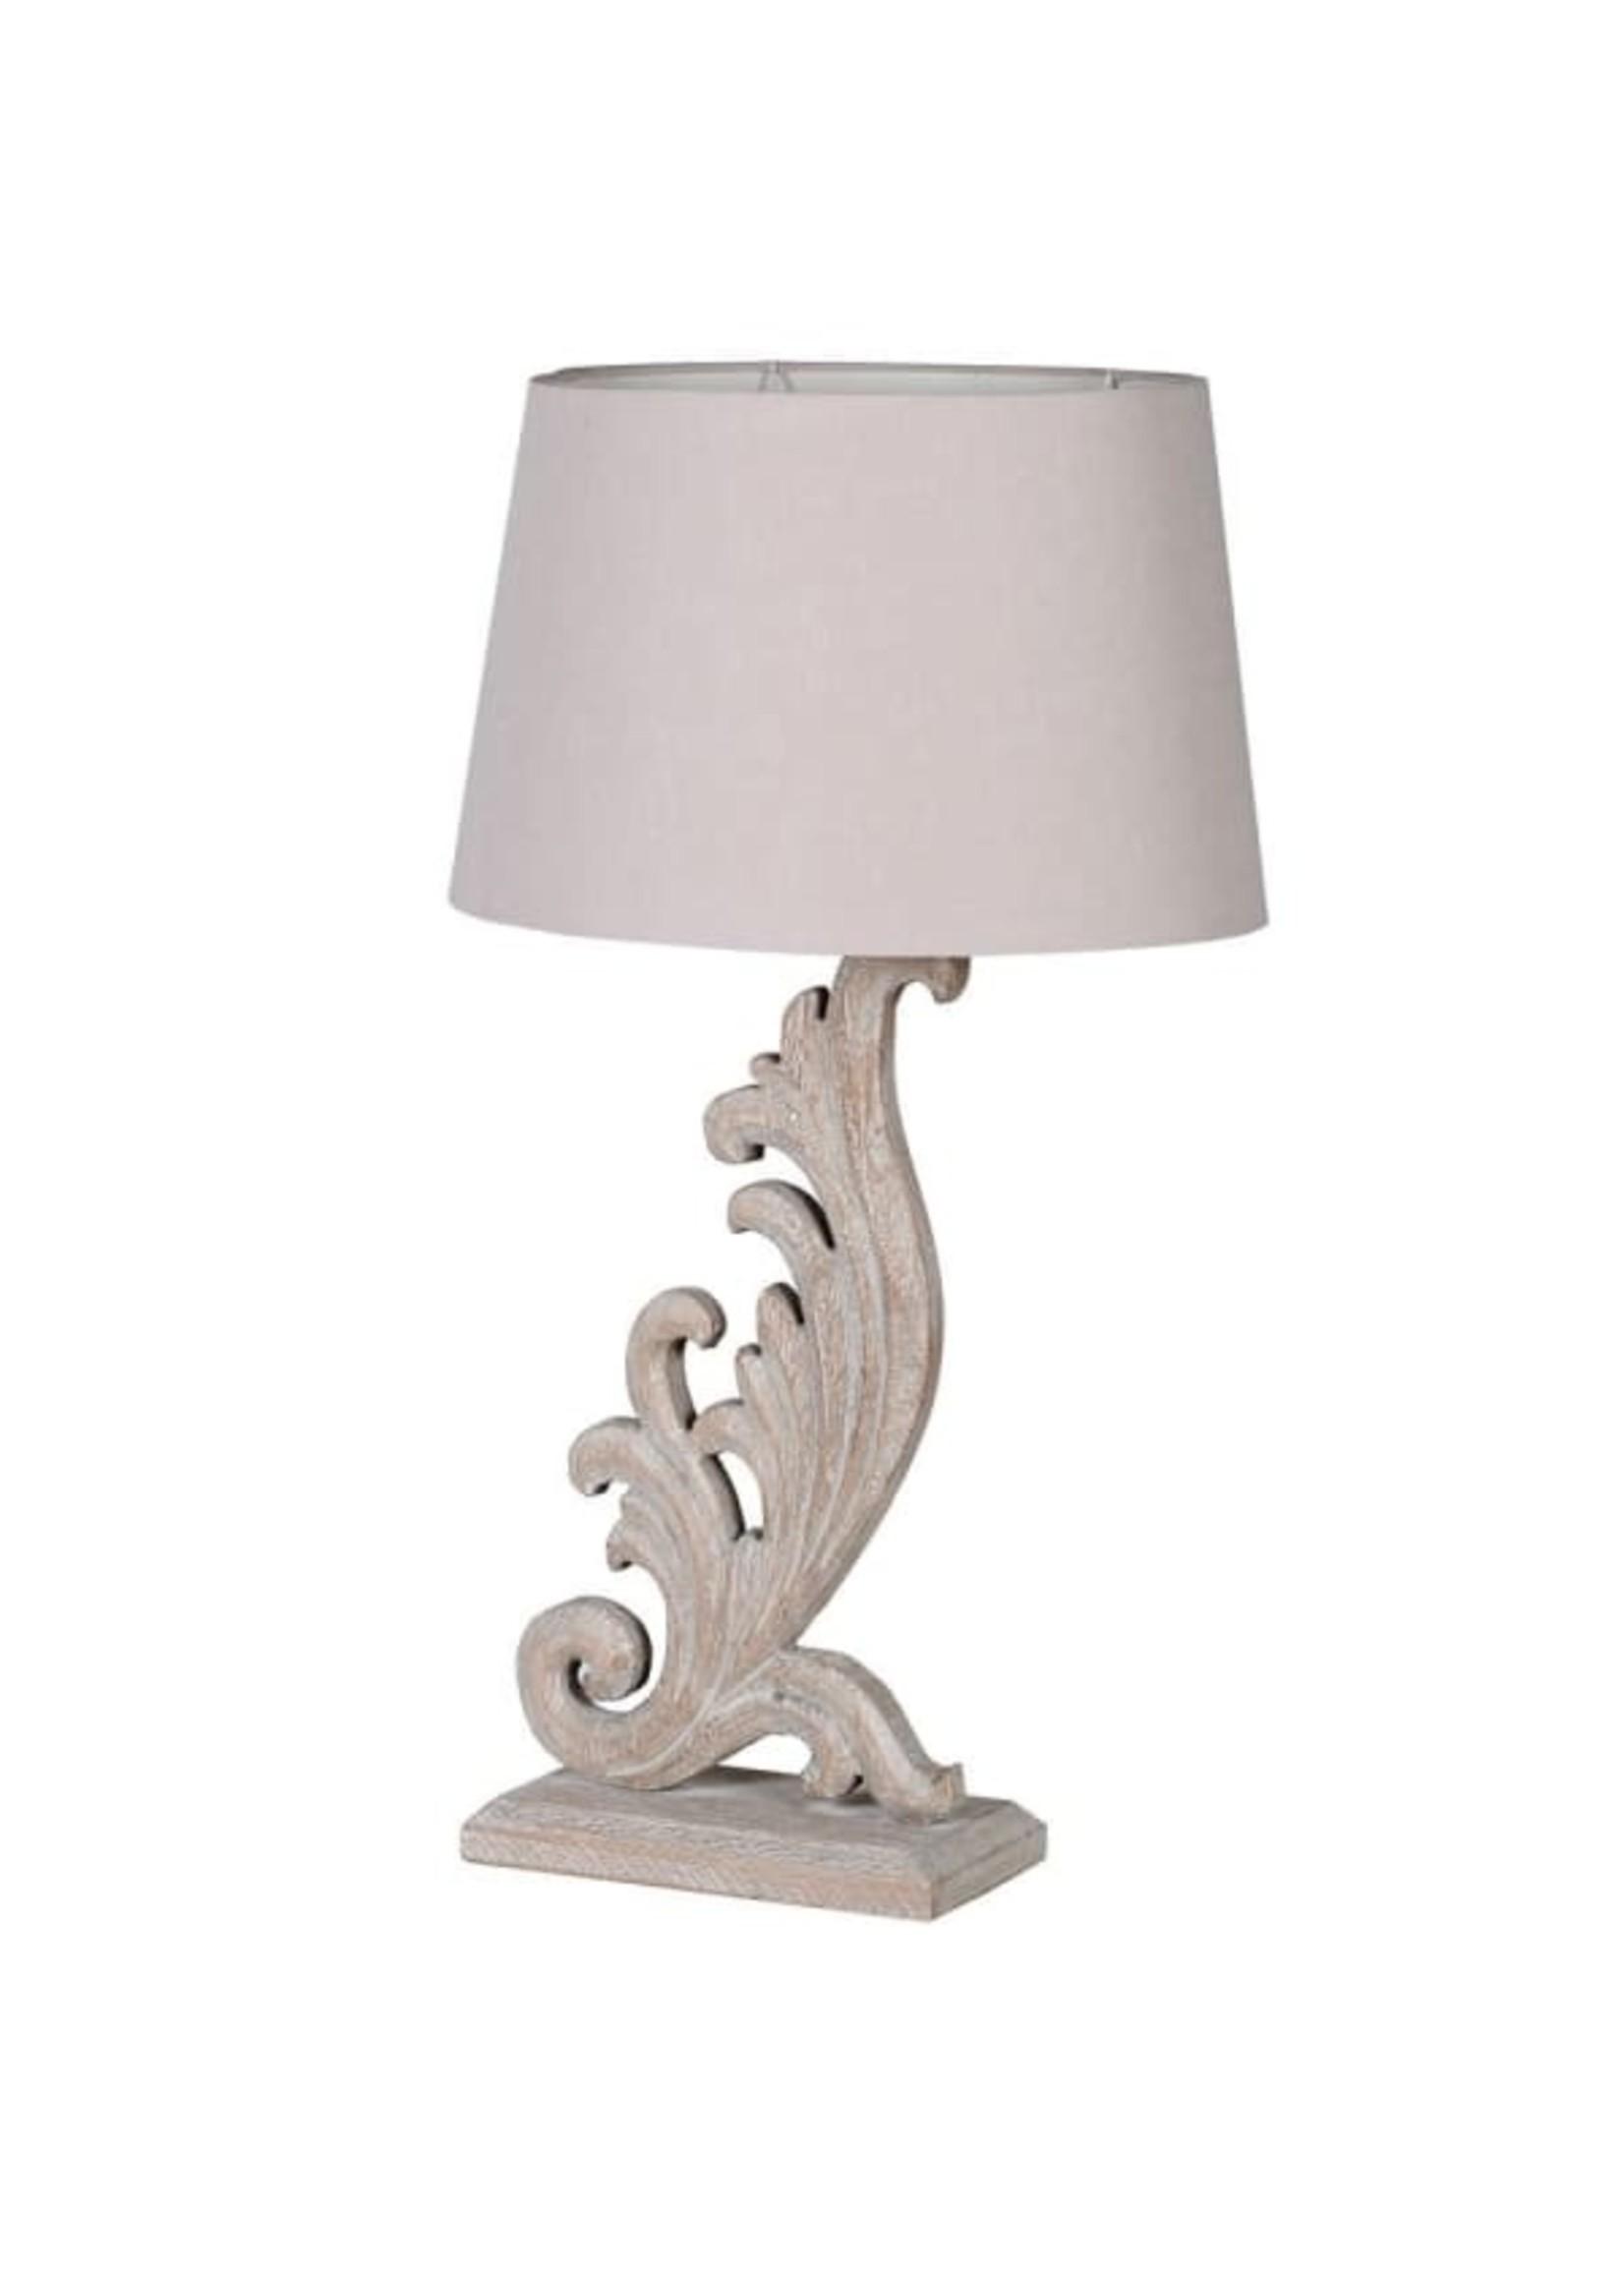 Cream wooden Lamp